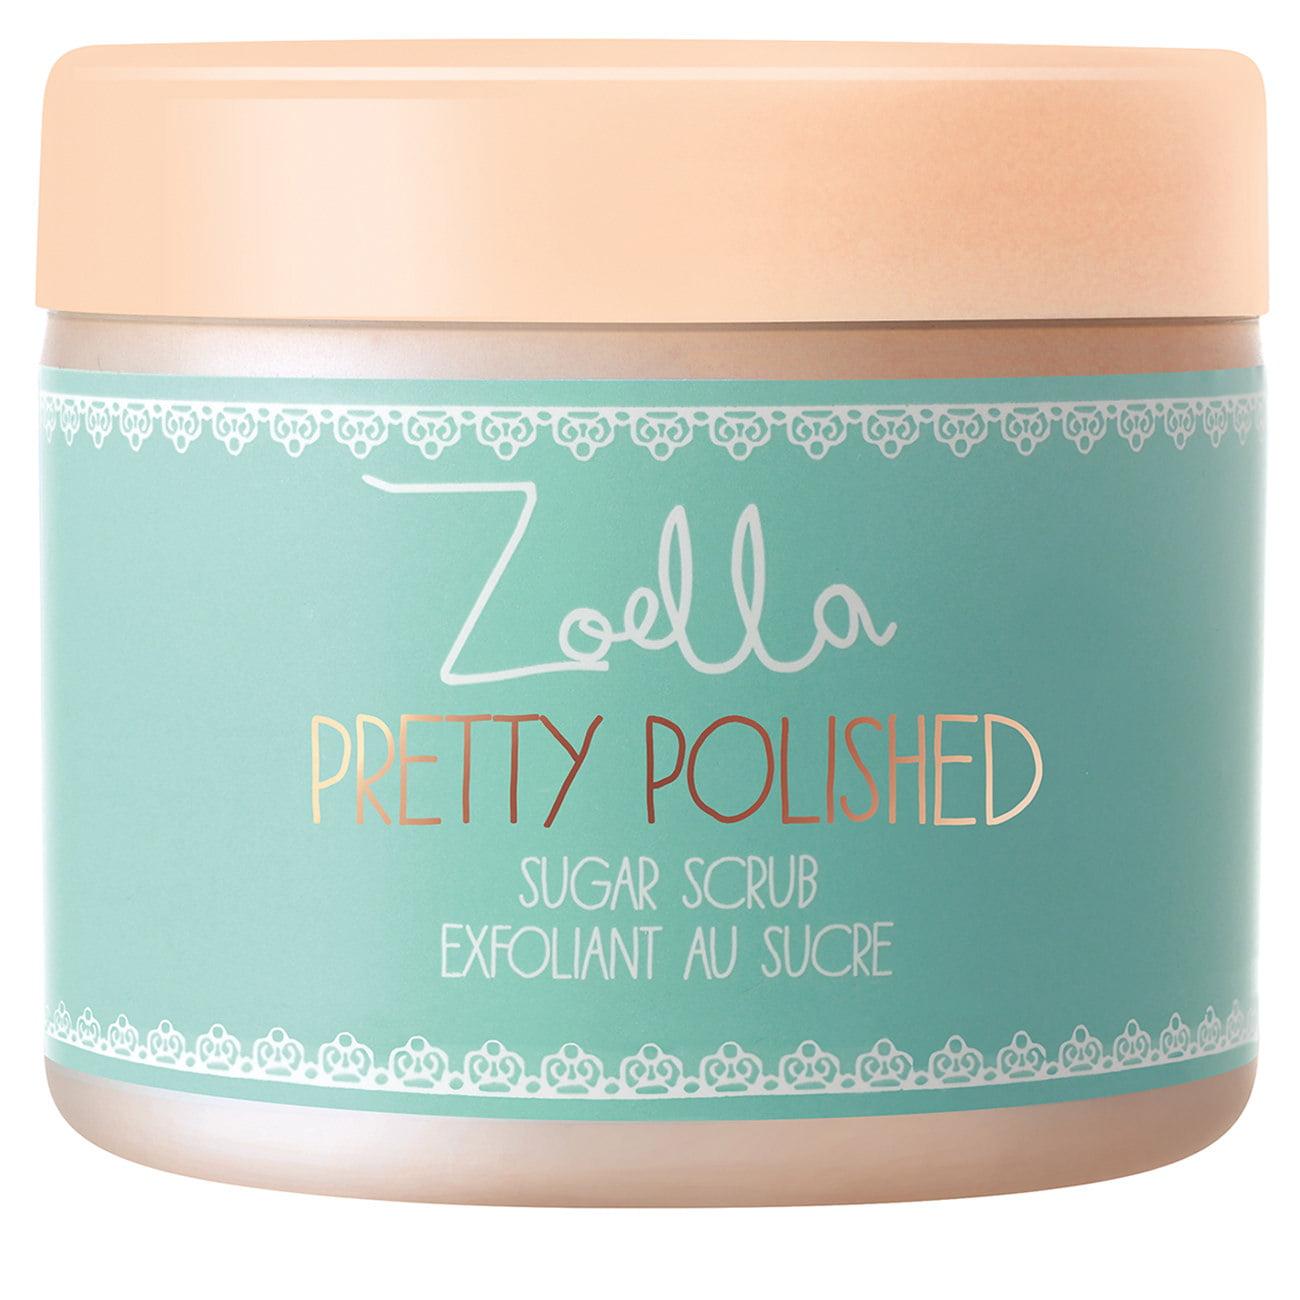 Zoella Beauty Pretty Polished Sugar Scrub 9.8 oz.